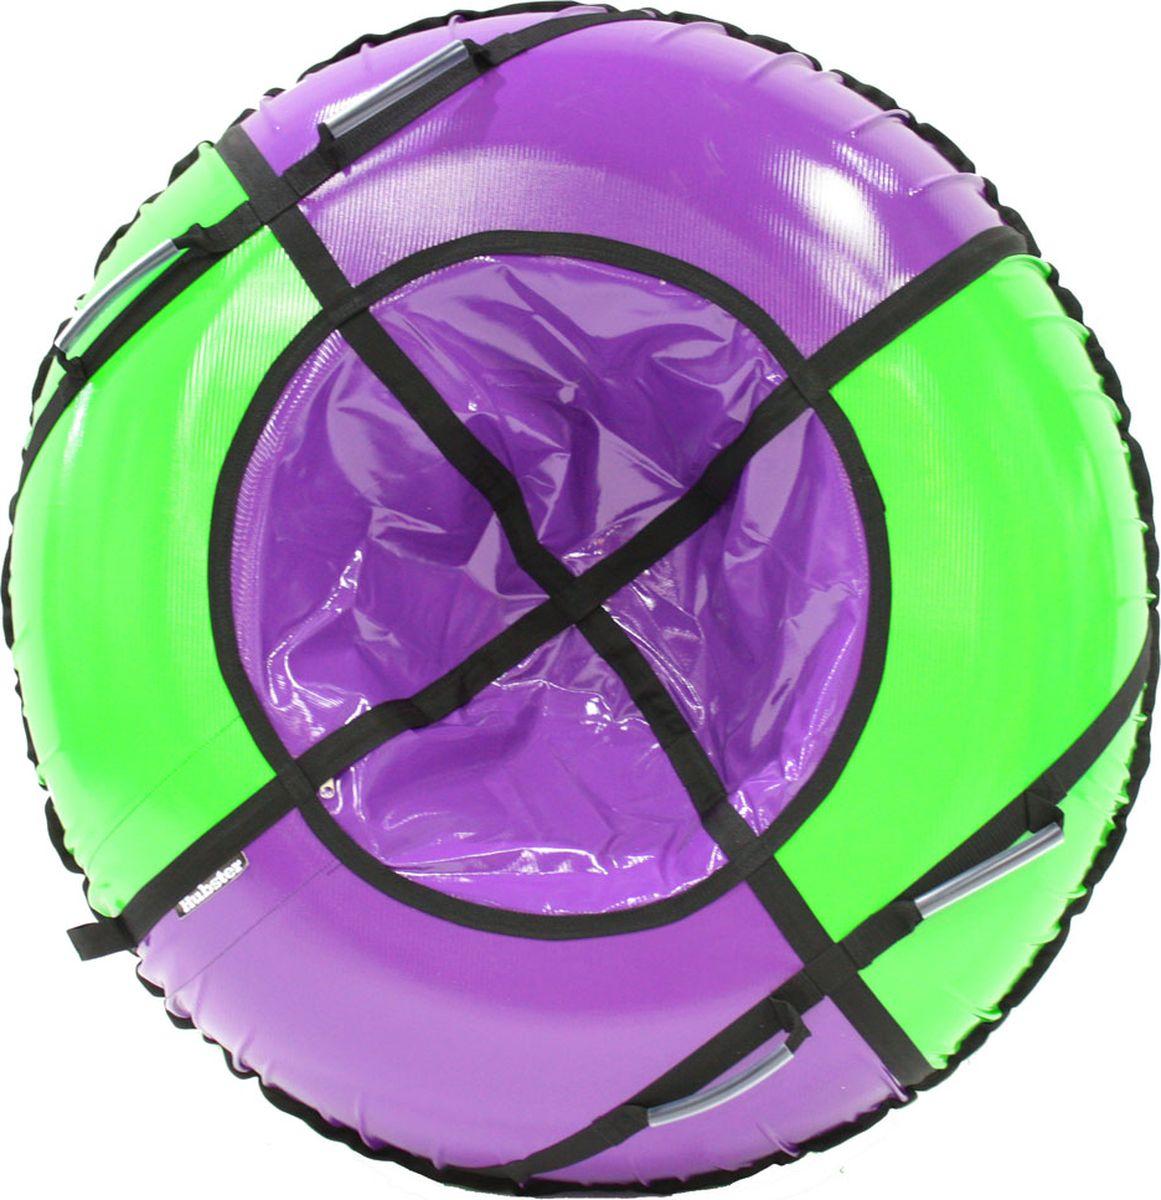 Тюбинг Hubster Sport Plus, цвет: фиолетовый, зеленый, диаметр 120 смво4189-2